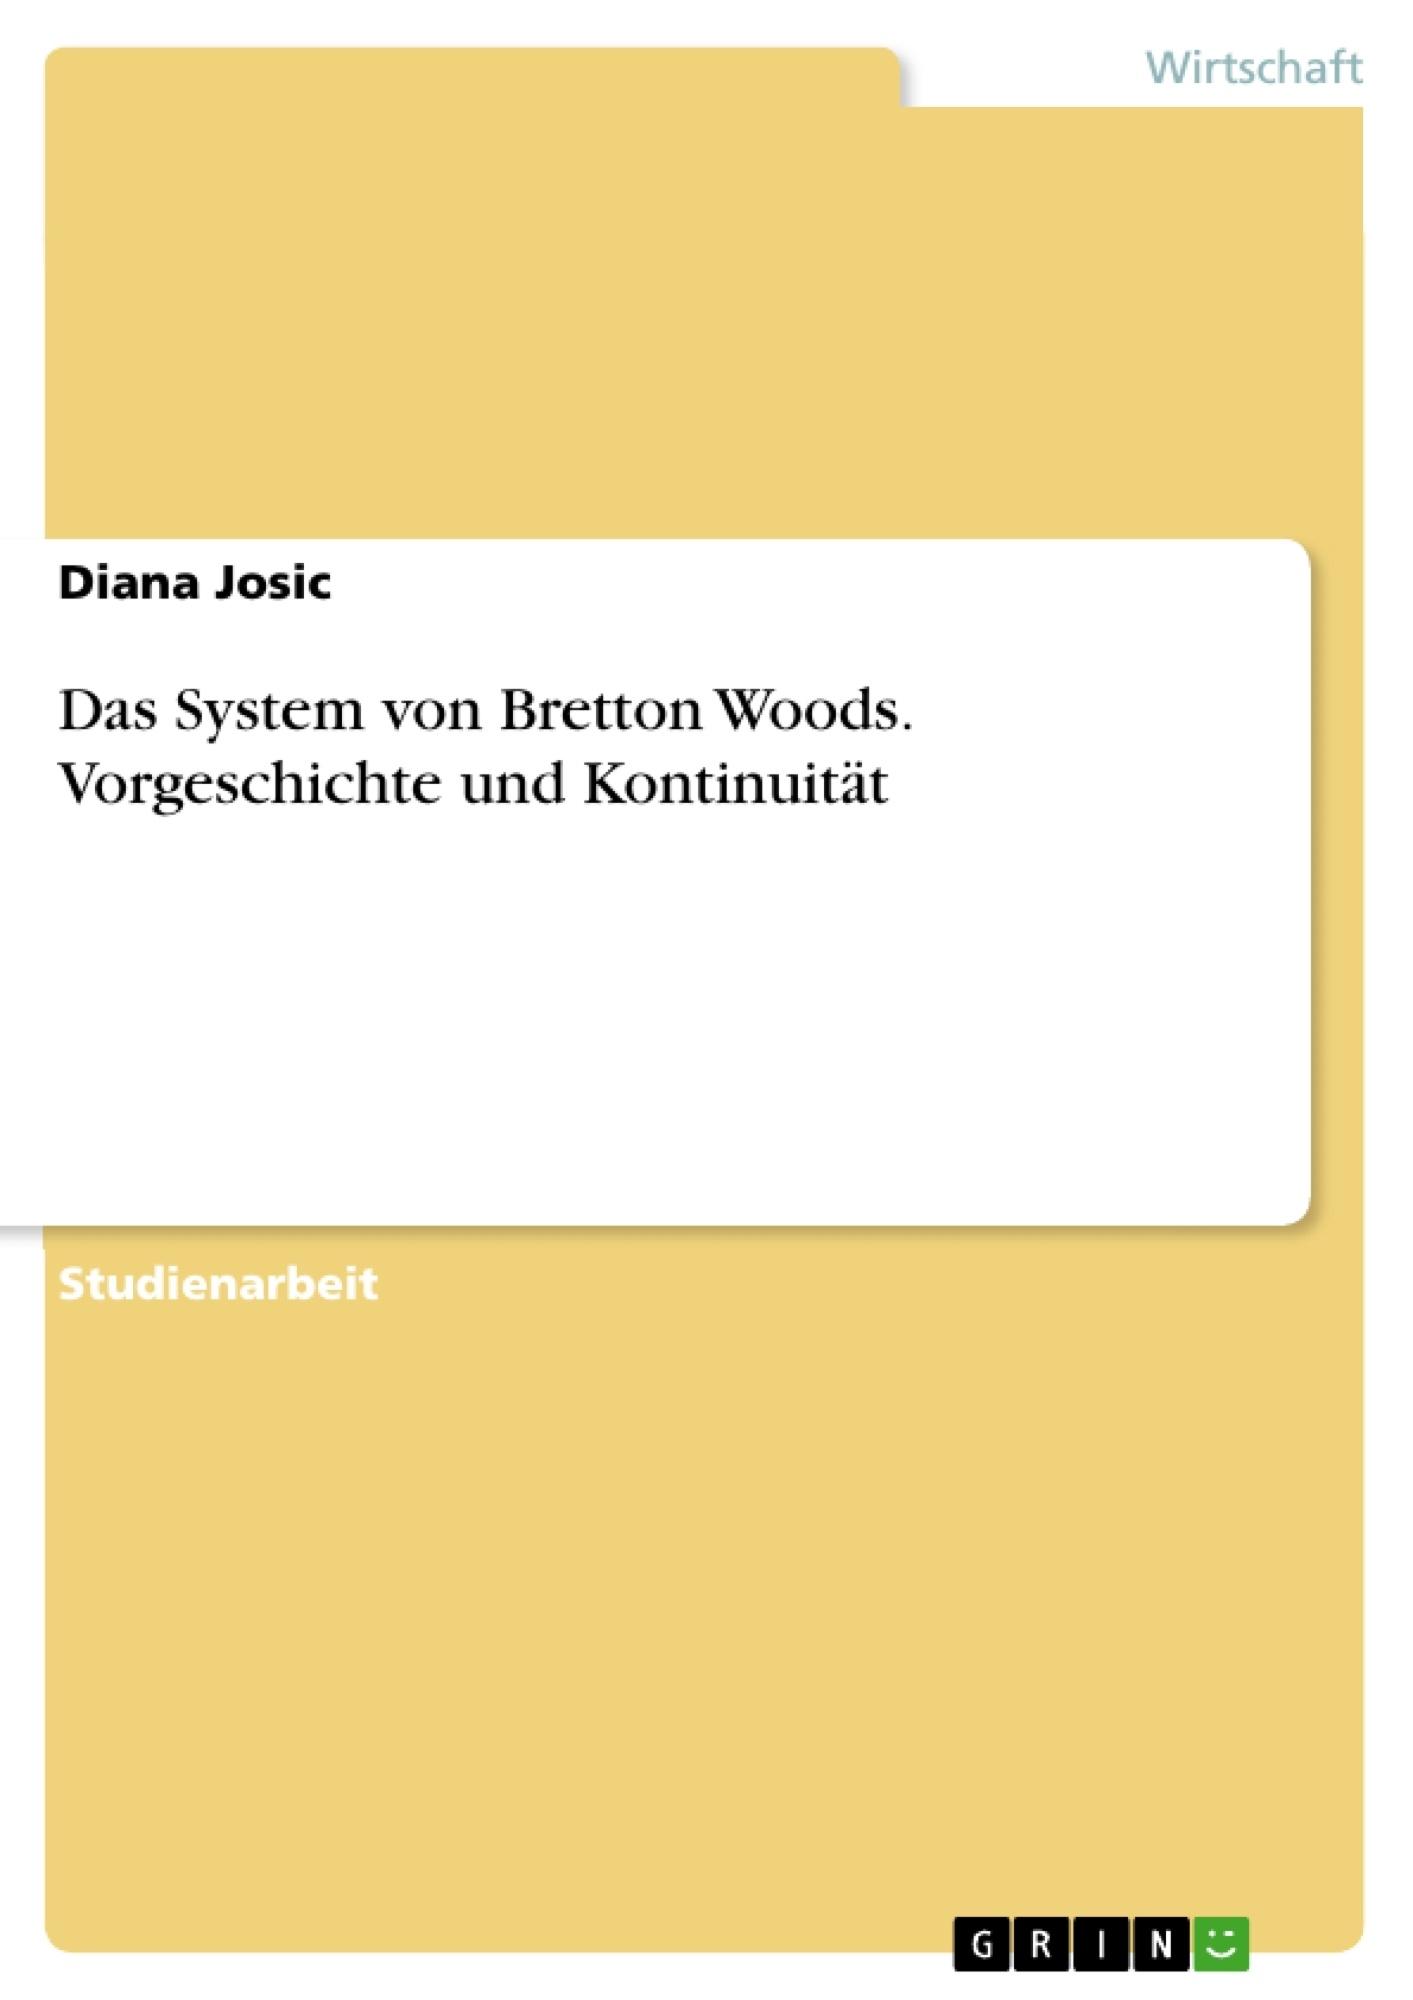 Titel: Das System von Bretton Woods. Vorgeschichte und Kontinuität